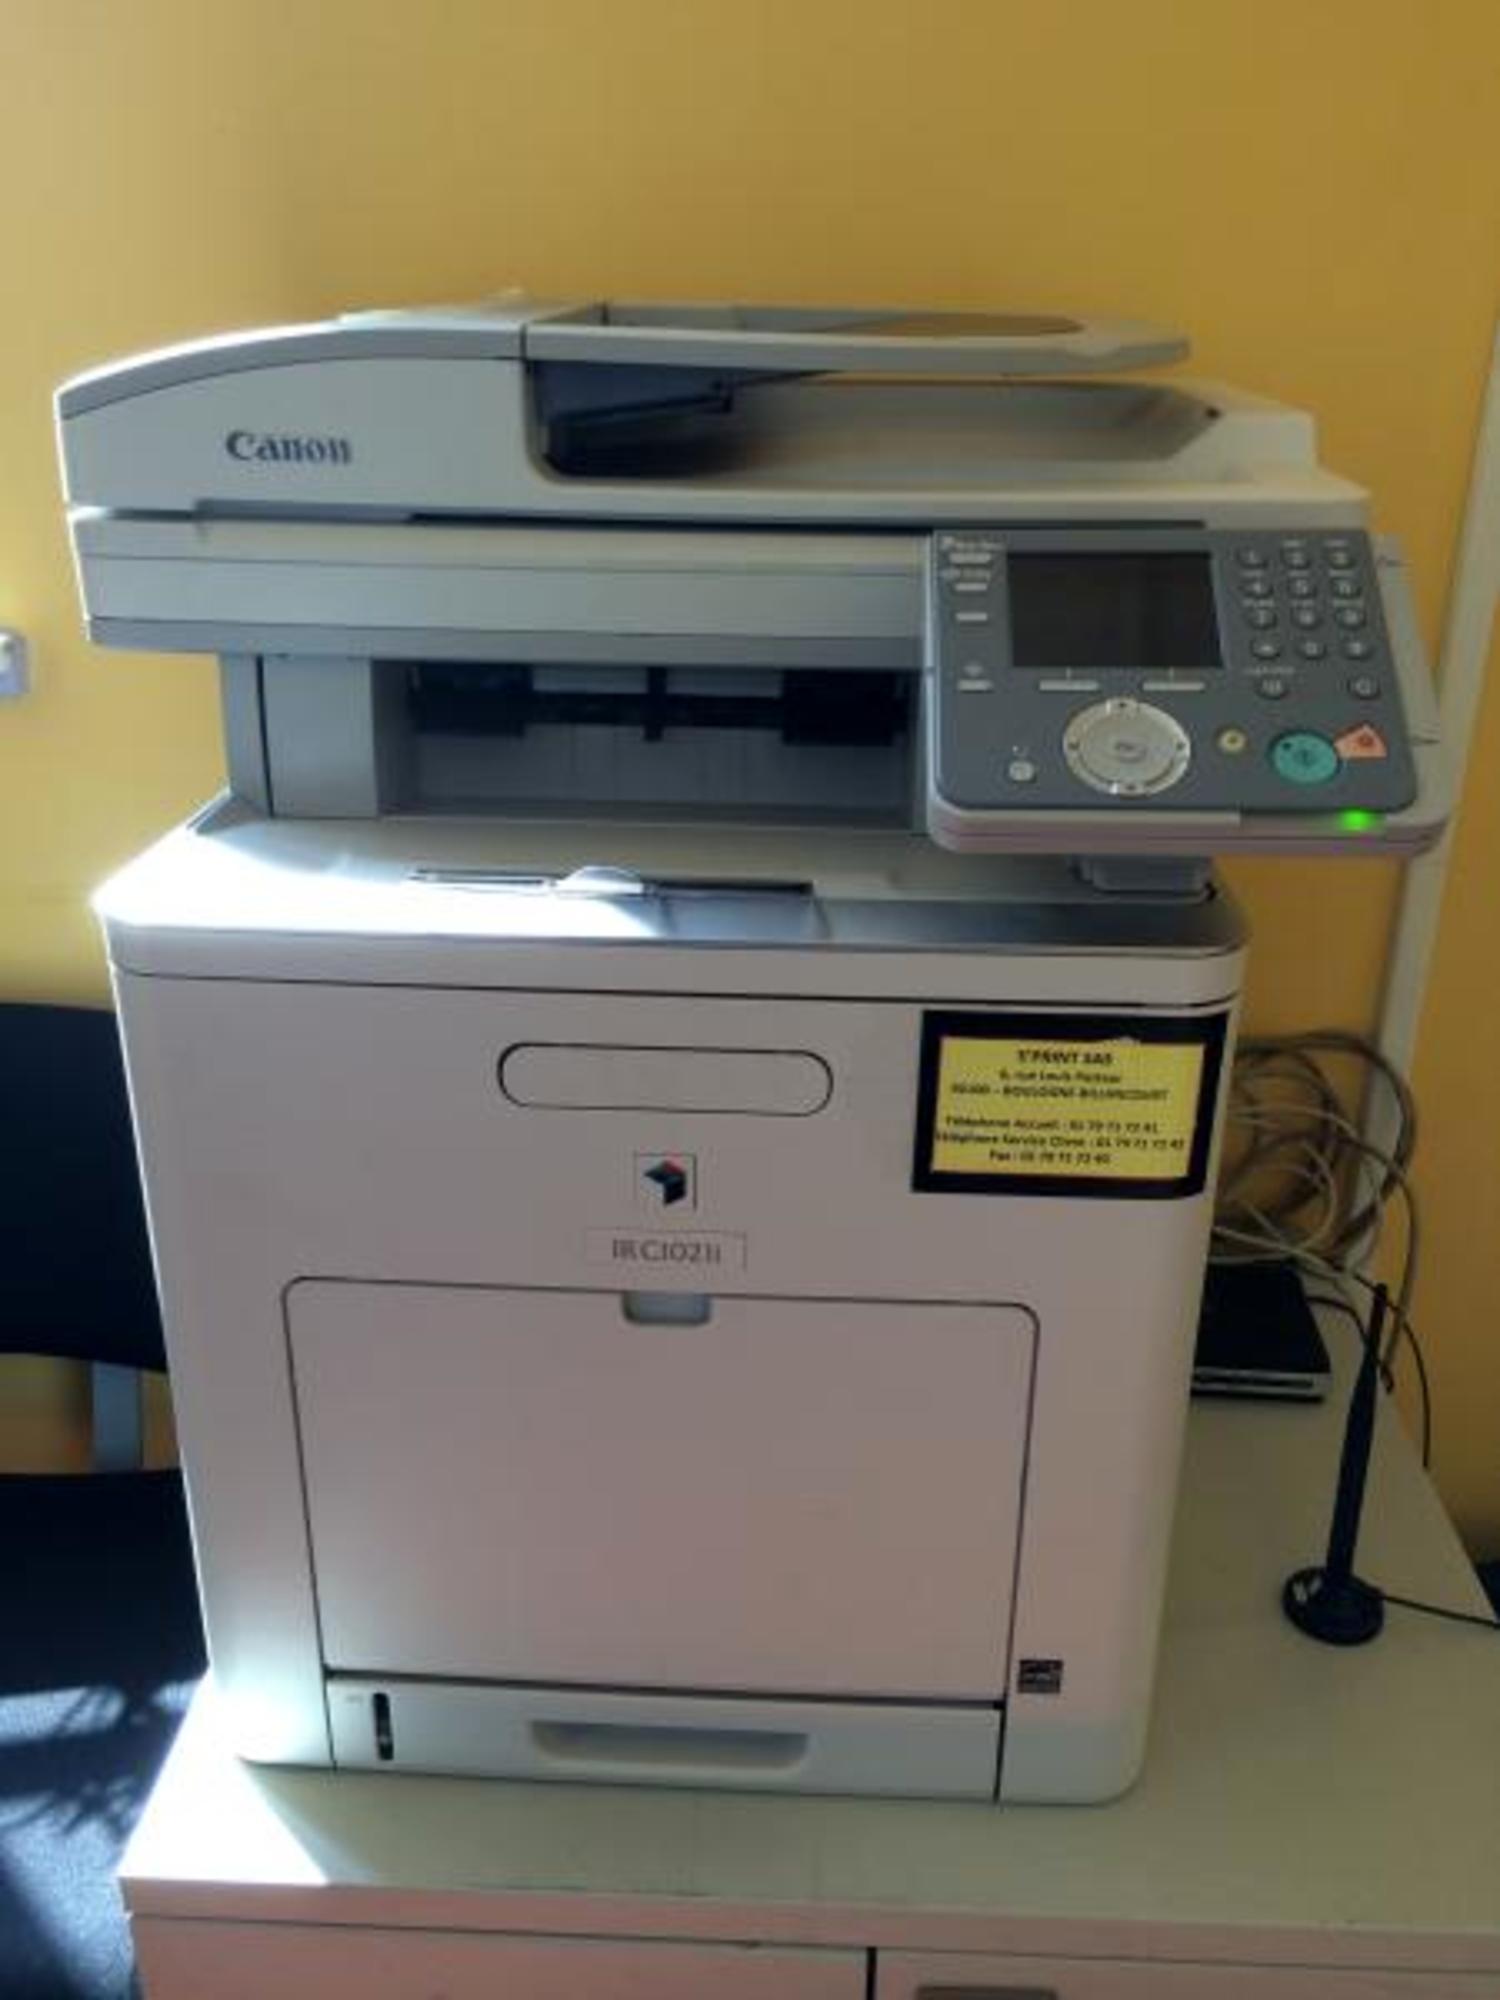 lot de 7 photocopieurs canon irc 1021 l fax copieur imprimante d 39 occasion aux ench res. Black Bedroom Furniture Sets. Home Design Ideas